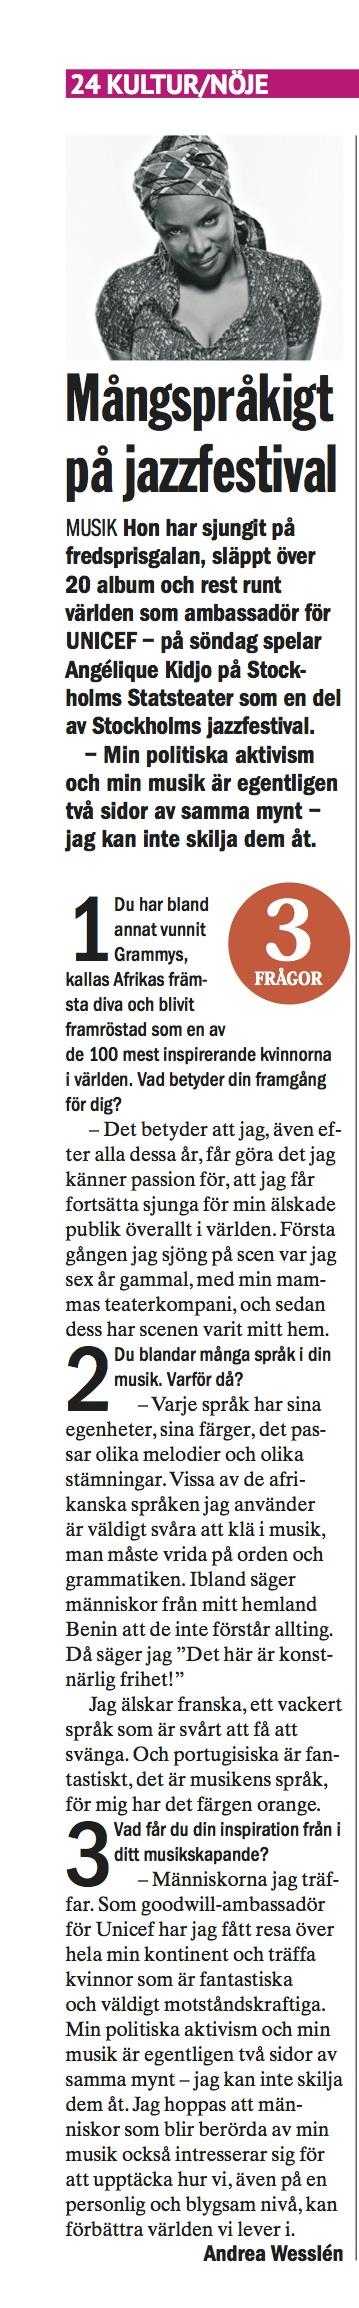 Dagens-ETC-intervju-Angelique-Kidjo-Sthlm-jazz-14.jpg